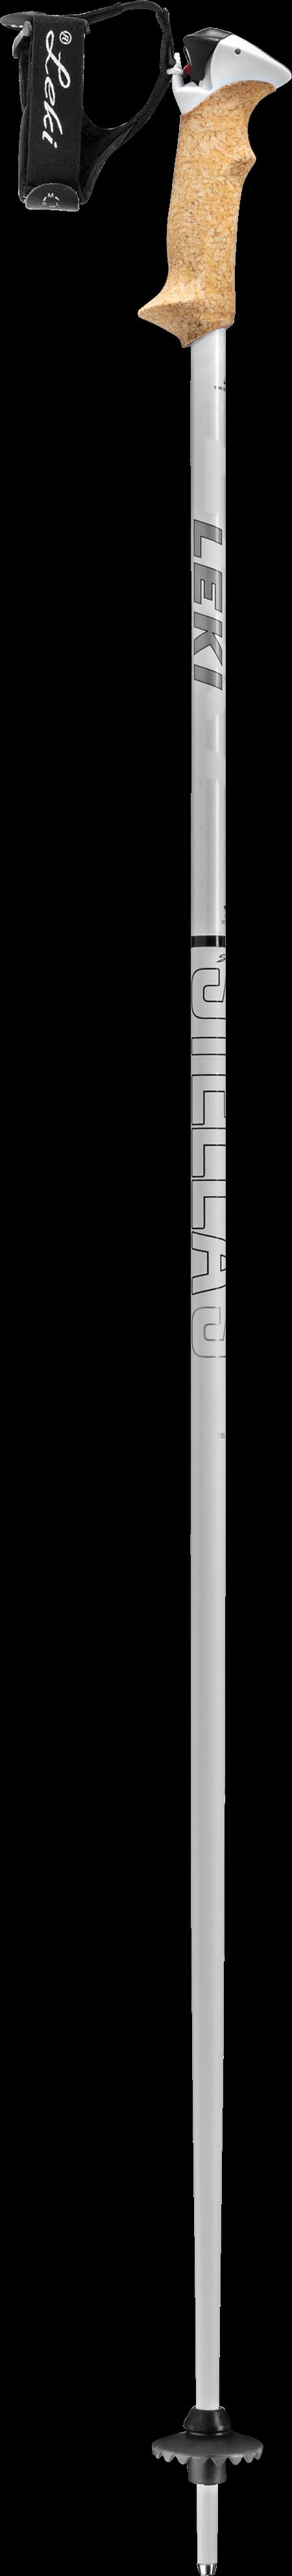 Leki Dámské skialpové hole Stella S 2020_2021